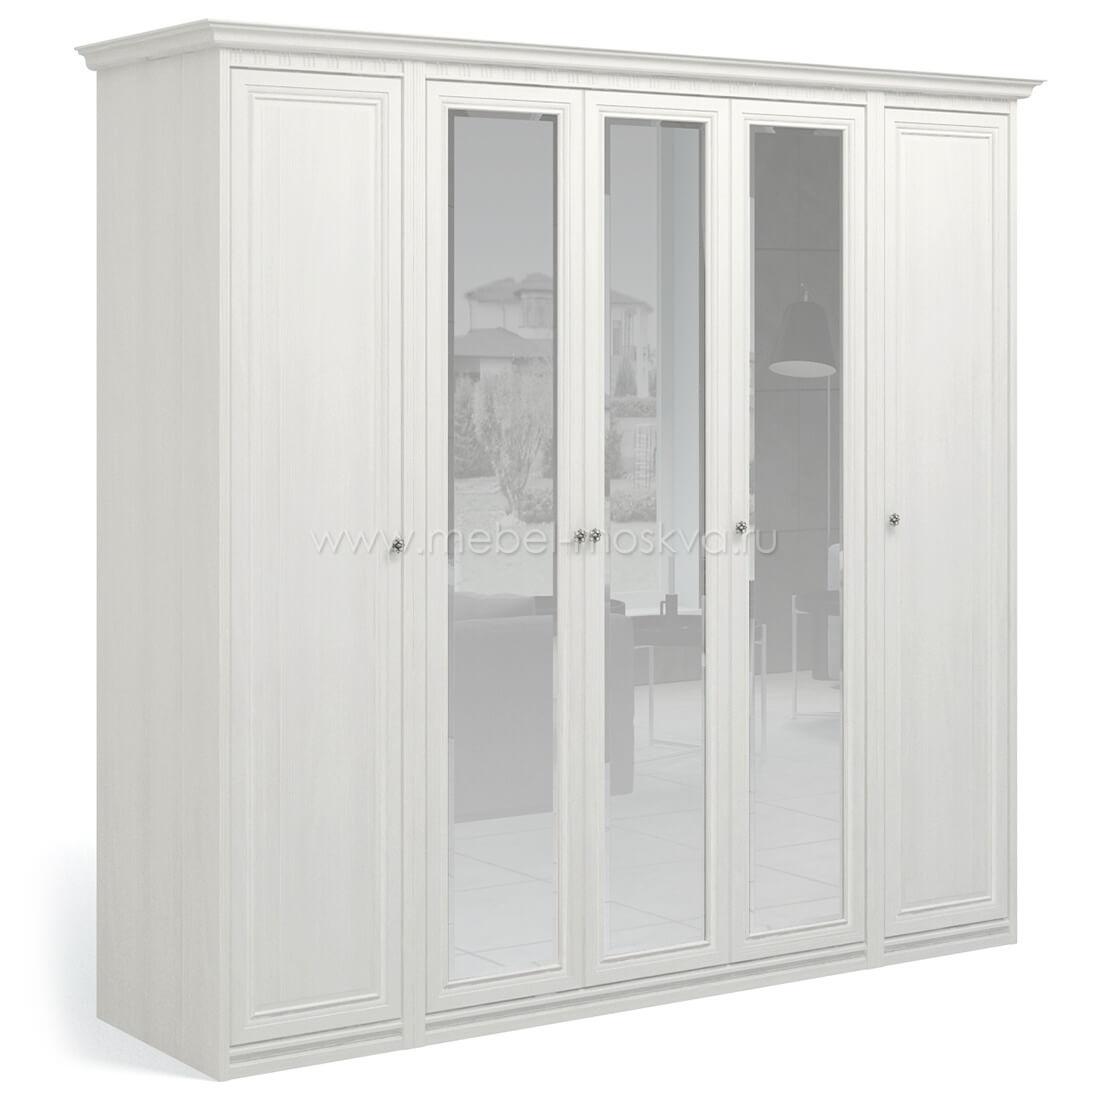 """""""Рапсодия ИДА"""" И355.15 Шкаф для одежды и белья 5-ти дв. 3 зеркала - 6460"""